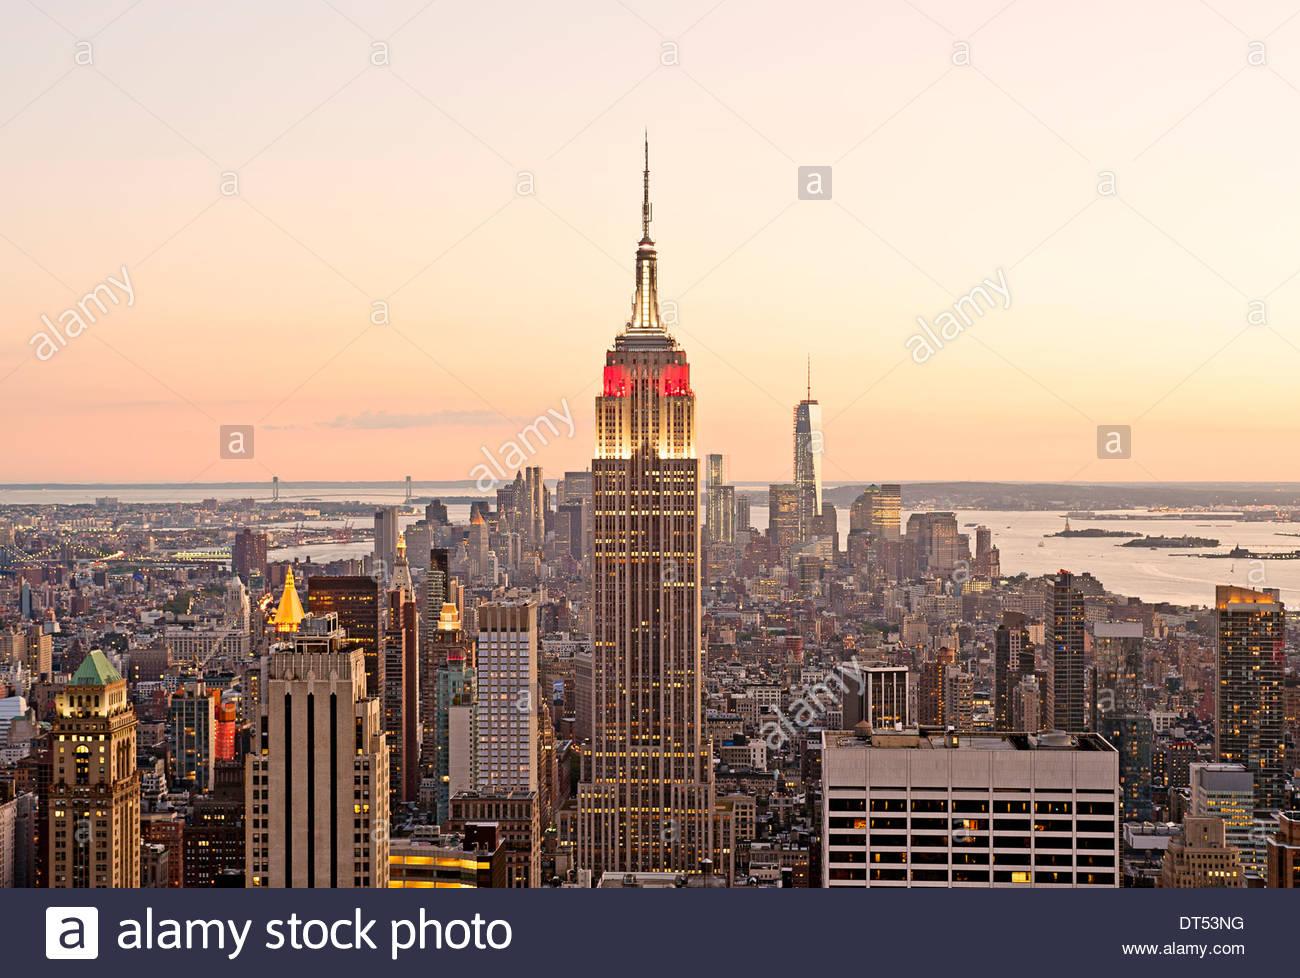 Toits de New York Manhattan New York Empire State Building vu de nouveau au crépuscule Photo Stock